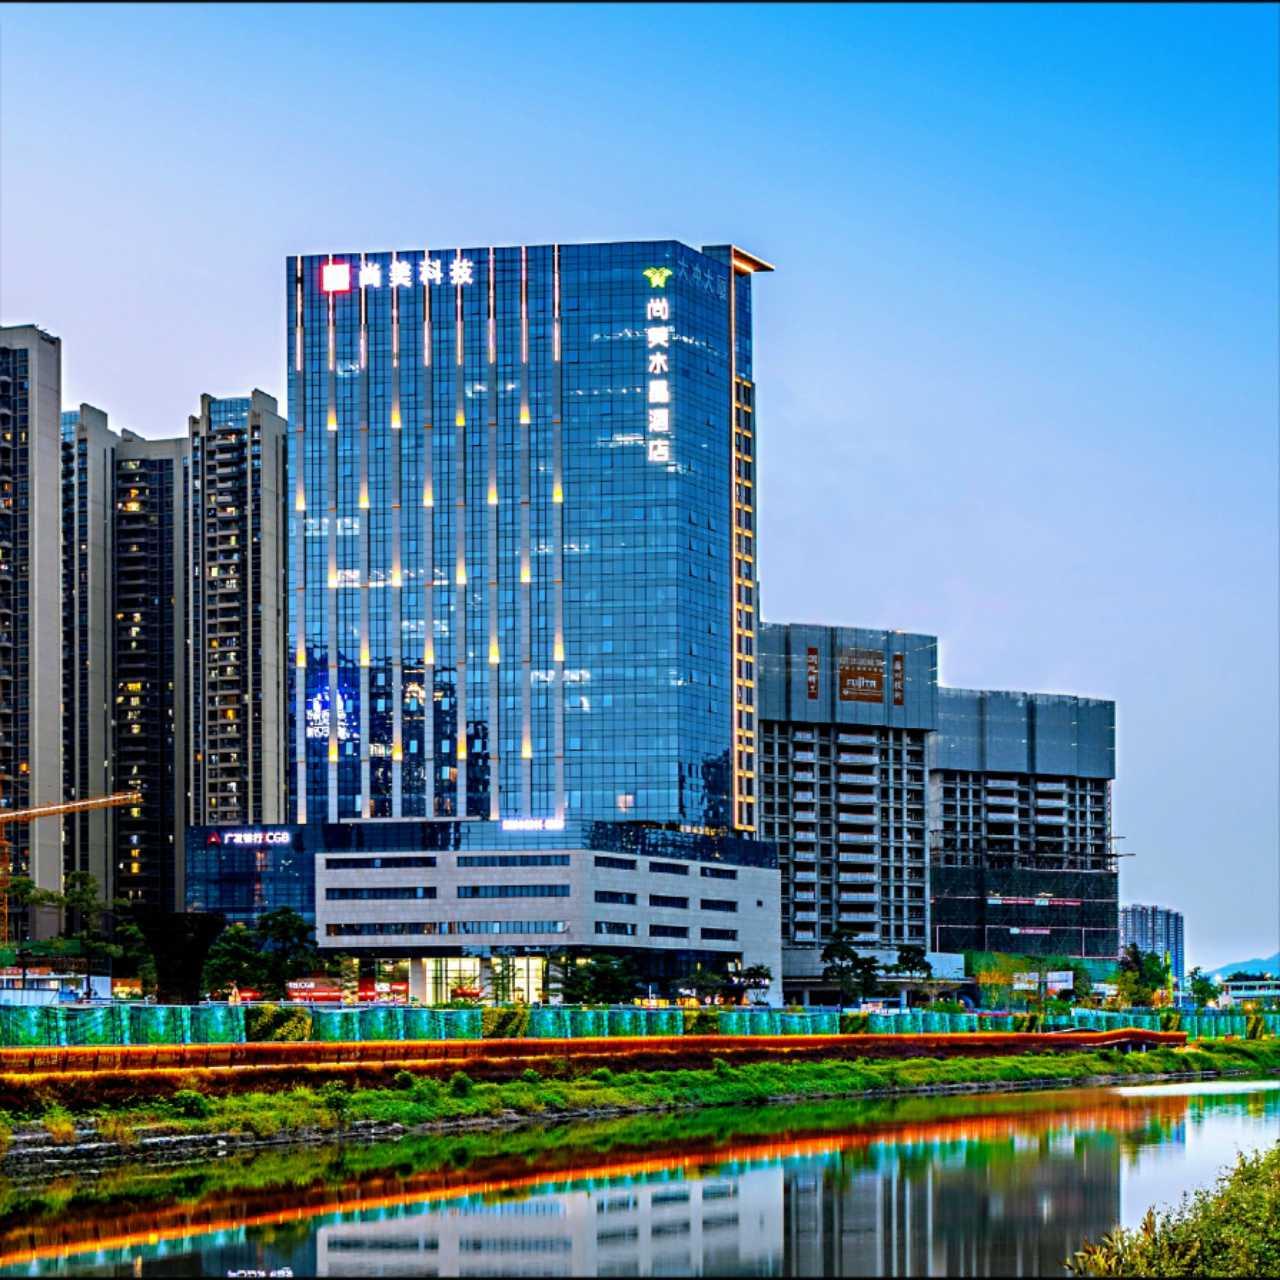 南山 尚美科技大厦 524平 无敌景观 高档精装写字楼出租